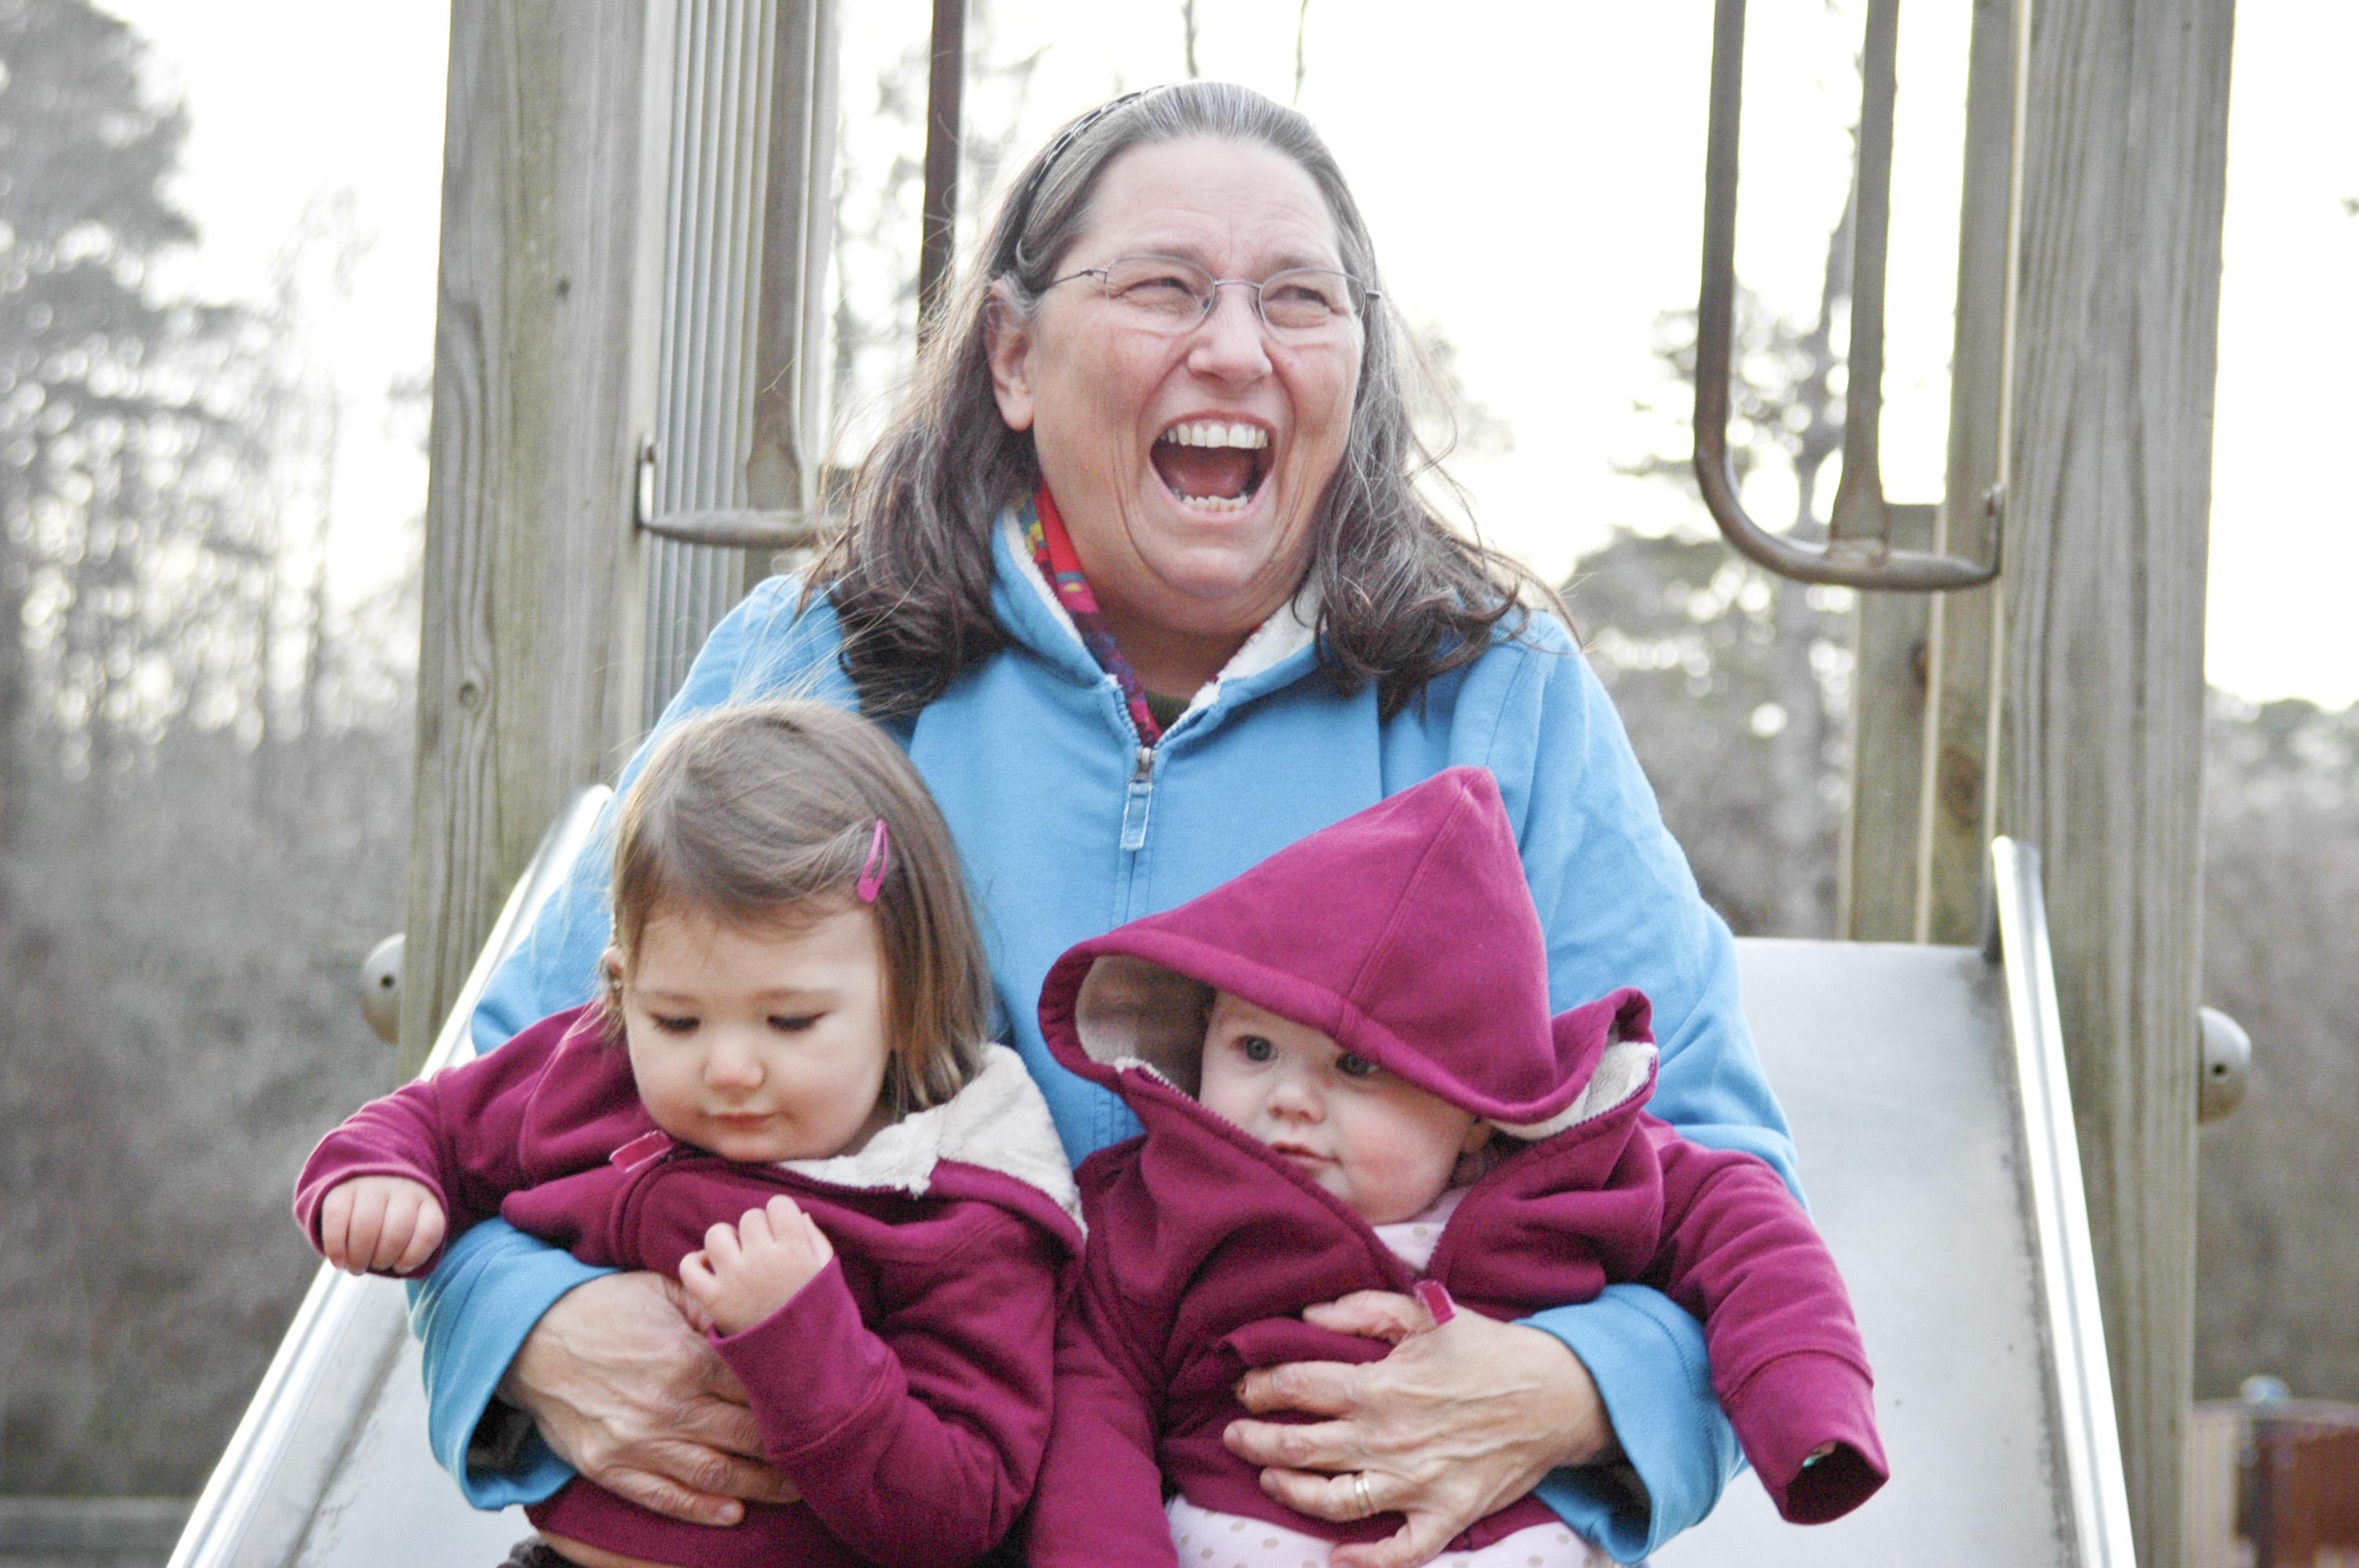 Grandma with babies